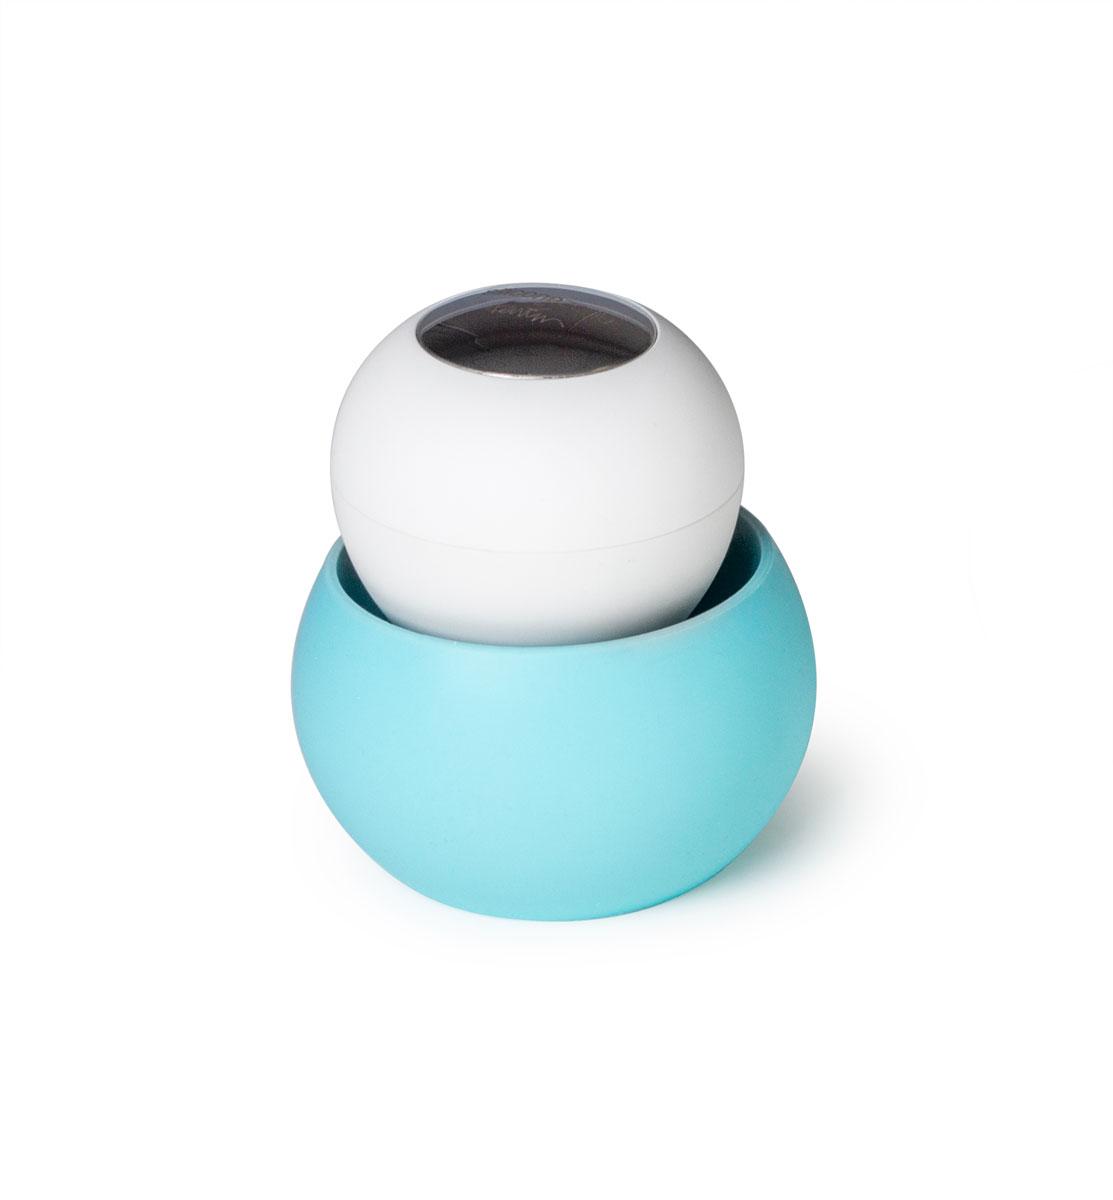 Щетка для мытья посуды SiliconeZone, цвет: голубой, белый, 9 х 9,5 смSZ11-KS-11664-AAЩетка проста в использовании, ее ручка не скользит и легко помещается в руках, а мягкая нейлоновая щетина эффективно чистит. Нержавеющая сталь на крышке позволяет нейтрализовать любые запахи, которые руки могут приобретать во время чистки посуды. Силиконовая подставка предназначена для сбора лишней воды, чтобы держать столешницу в чистоте все время.